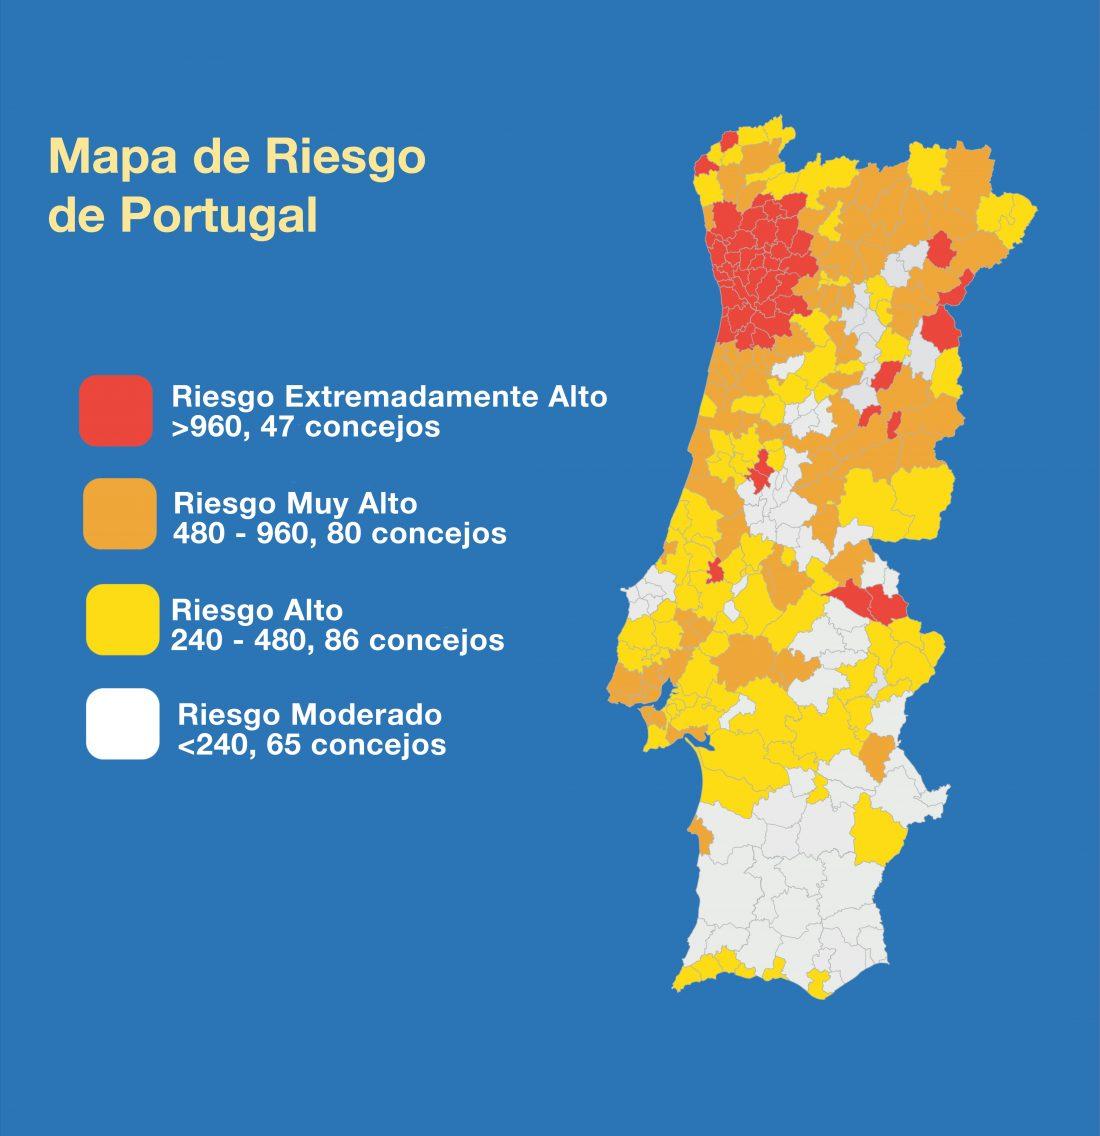 Mapa de riesgo concejos en Portugal